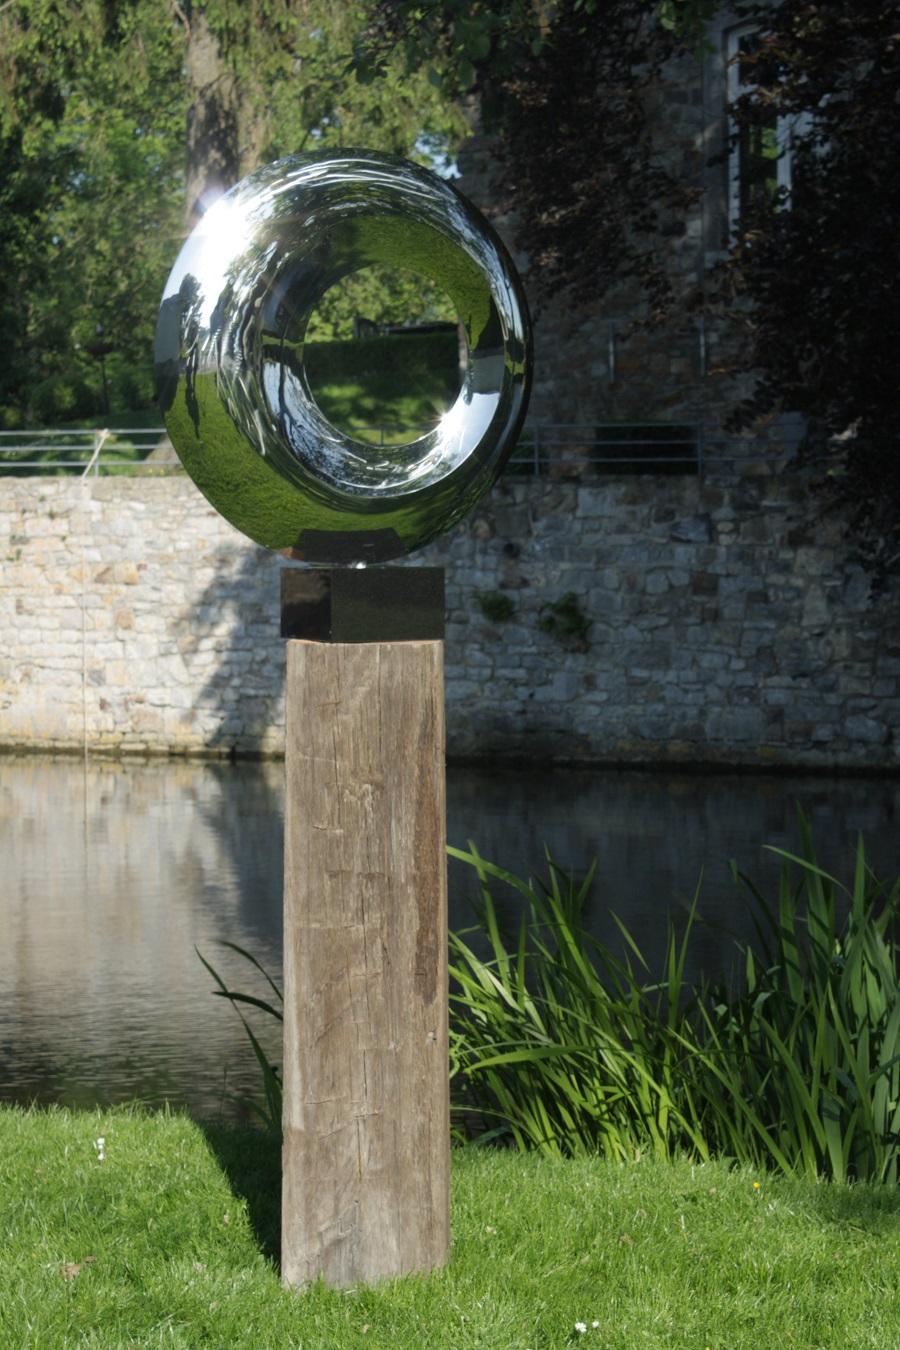 Full Size of Skulpturen Garten Eclipse Circle Sculpture Edelstahl Skulptur Gnstig Online Kaufen Sonnensegel Rattanmöbel Lärmschutzwand Kugelleuchten Leuchtkugel Garten Skulpturen Garten